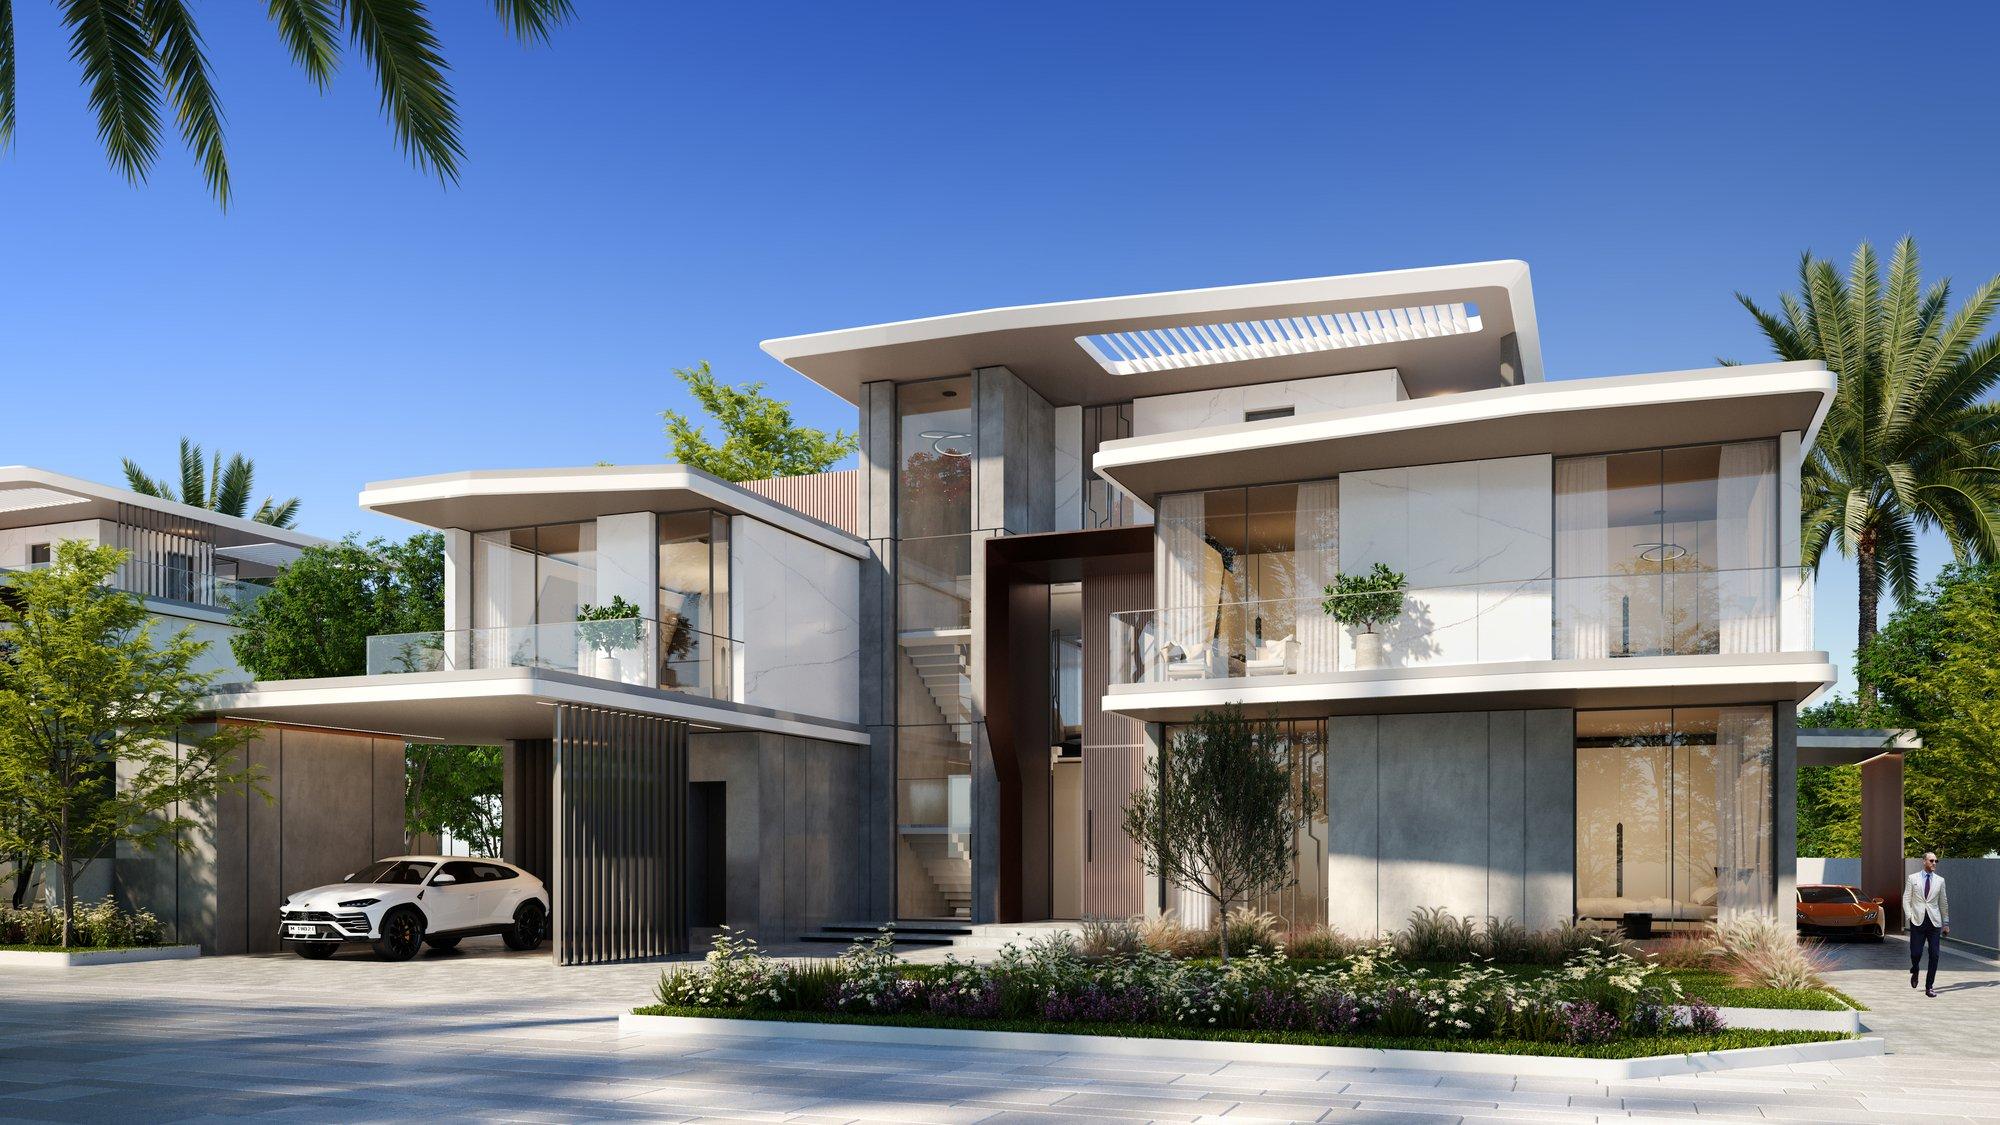 Villa in Dubai, Dubai, United Arab Emirates 1 - 11557790